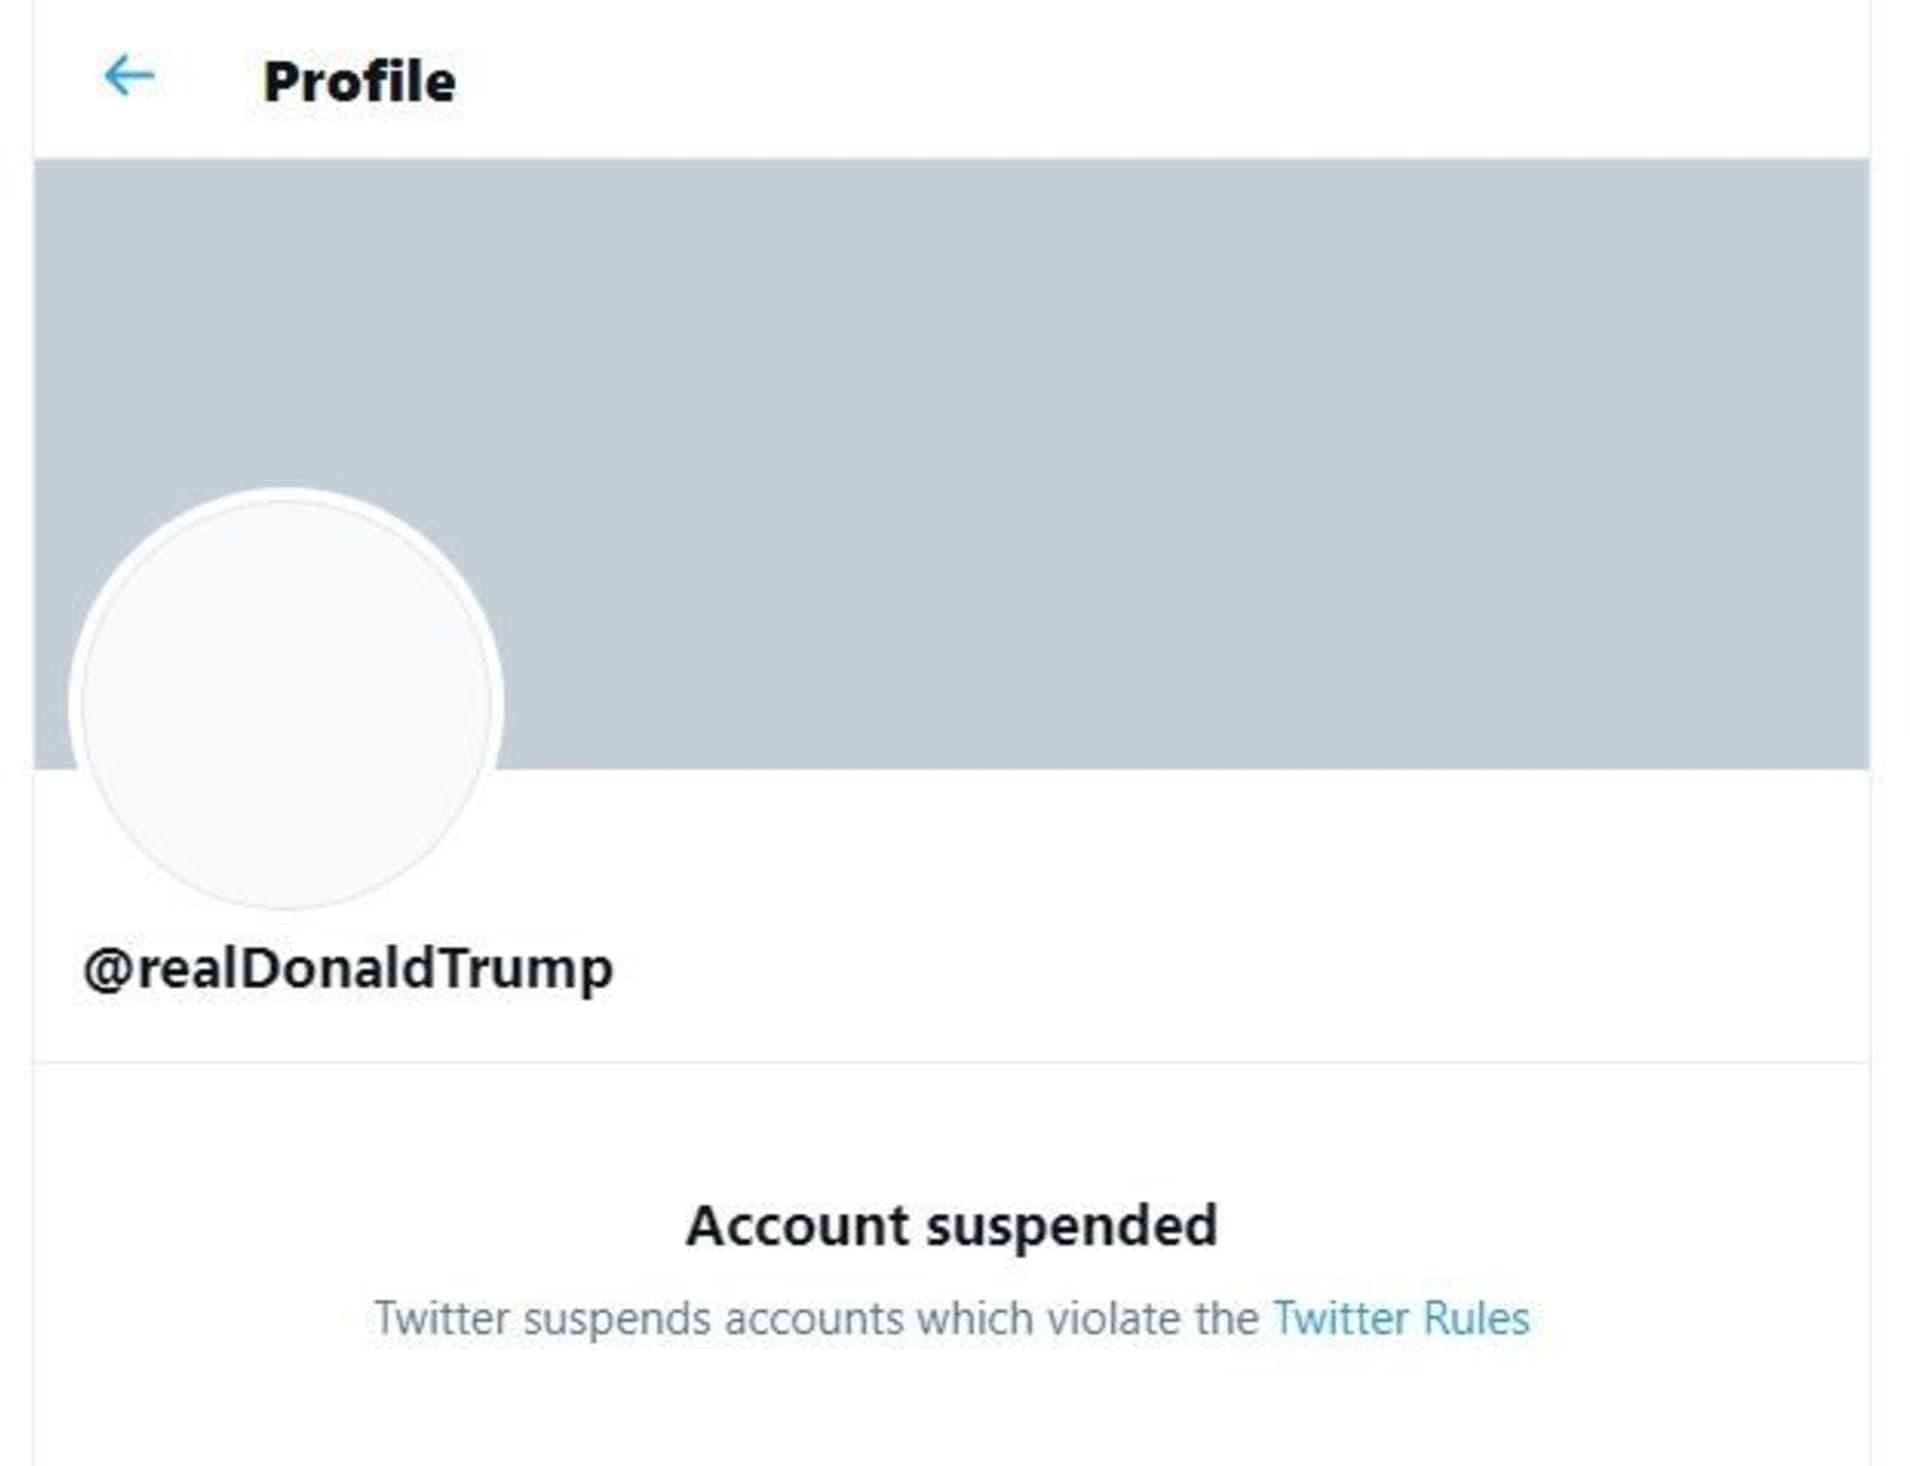 106821755-1610148727047-trump_suspended.